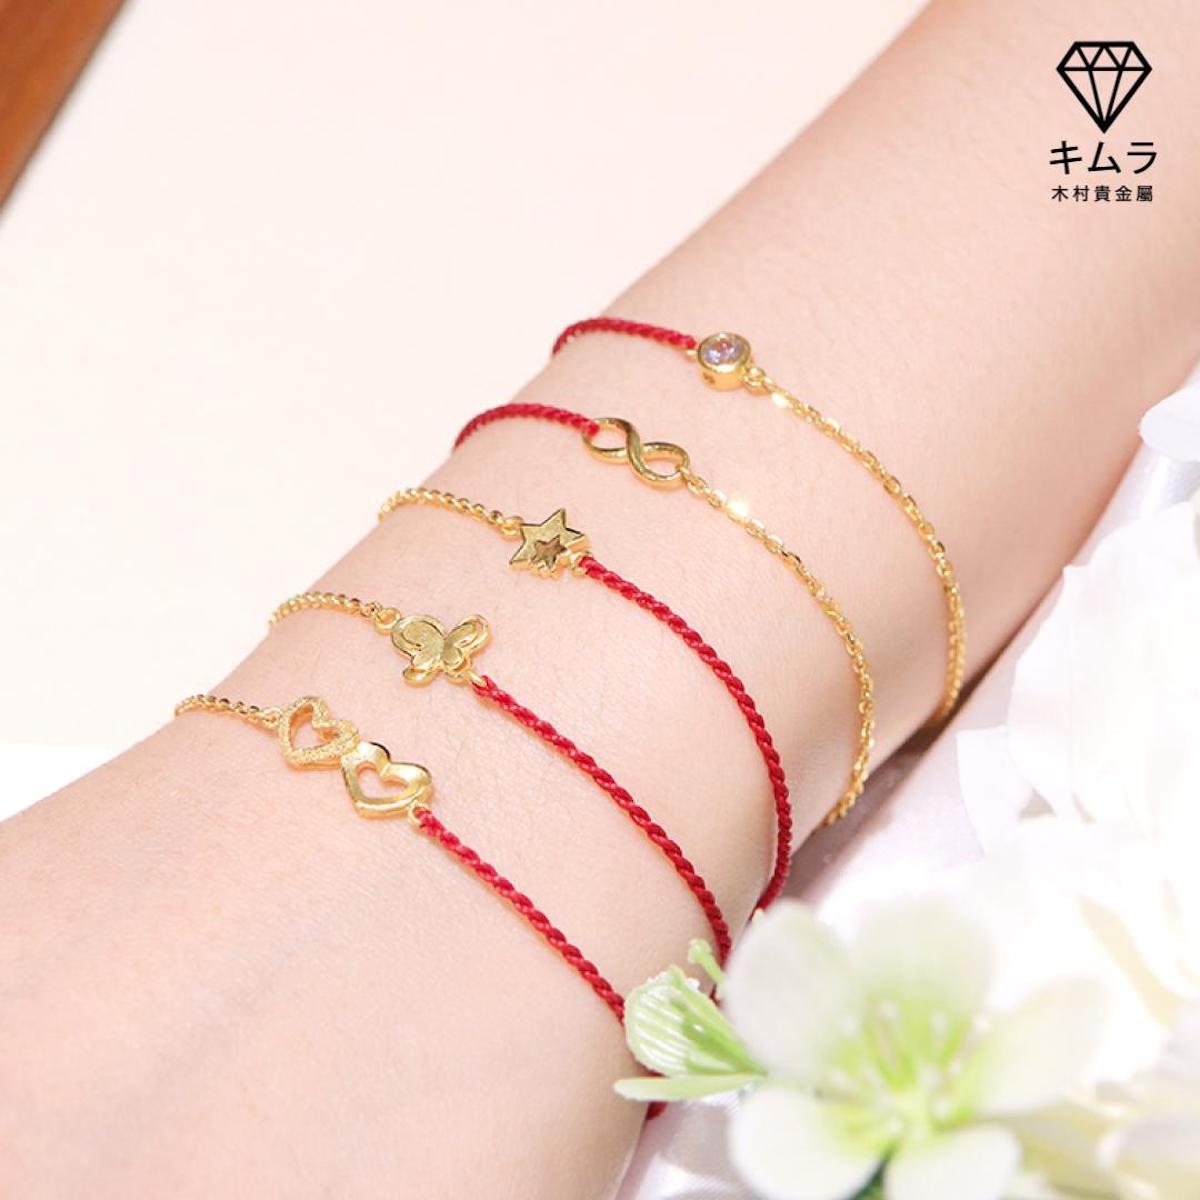 純金造型蠟繩手鍊